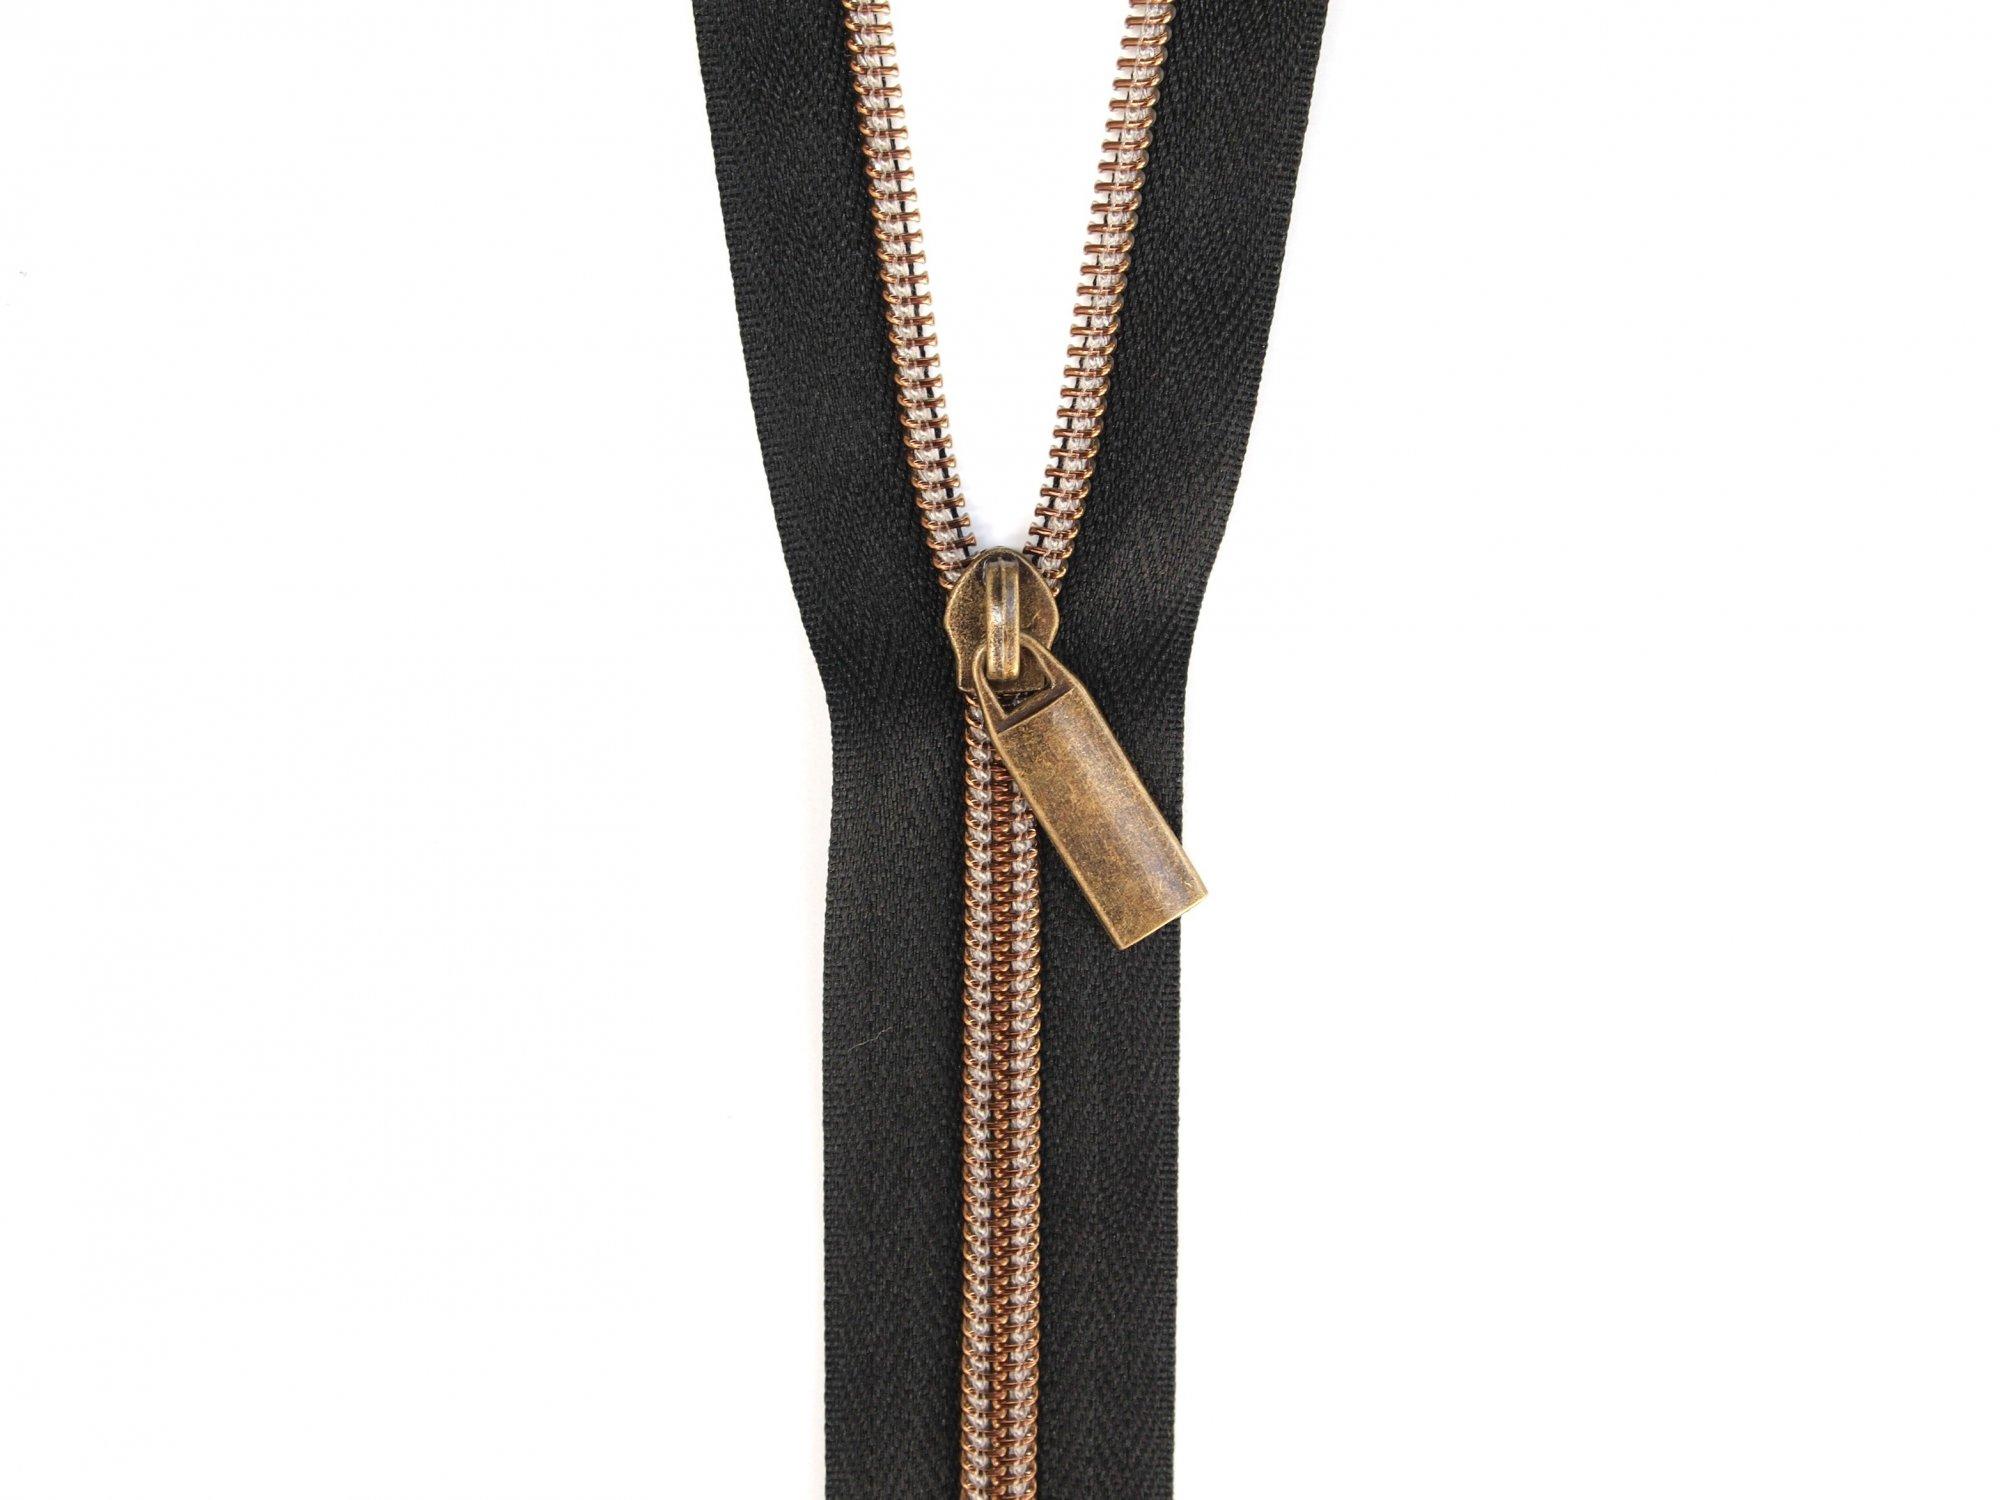 Zipper Tape - Black Tape & Antique Zipper